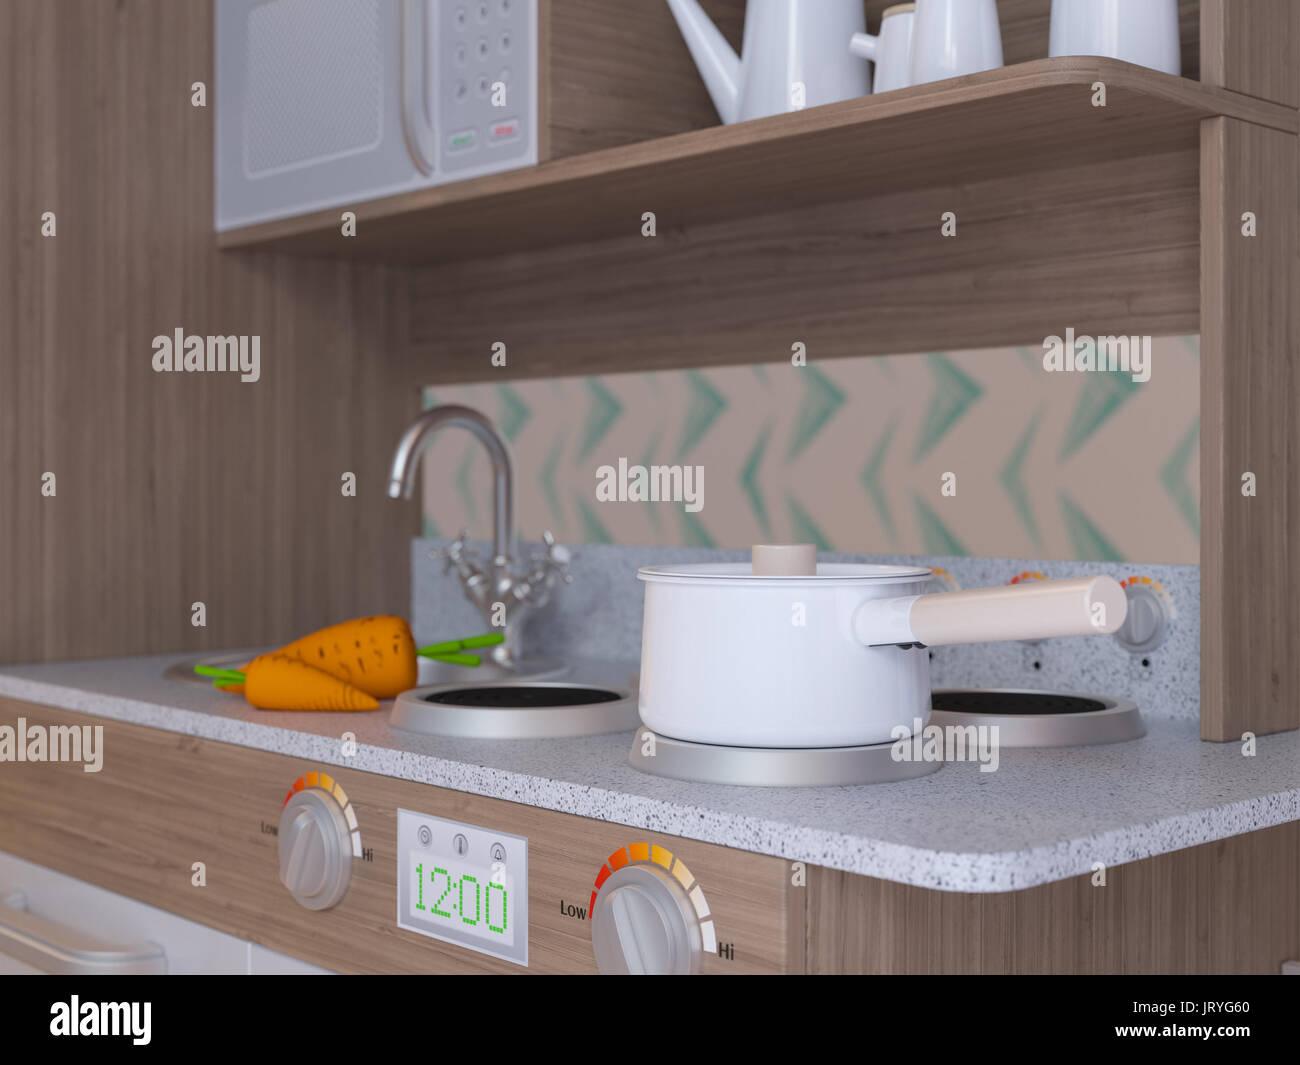 Children kitchen design interior for cooking pretend play ...